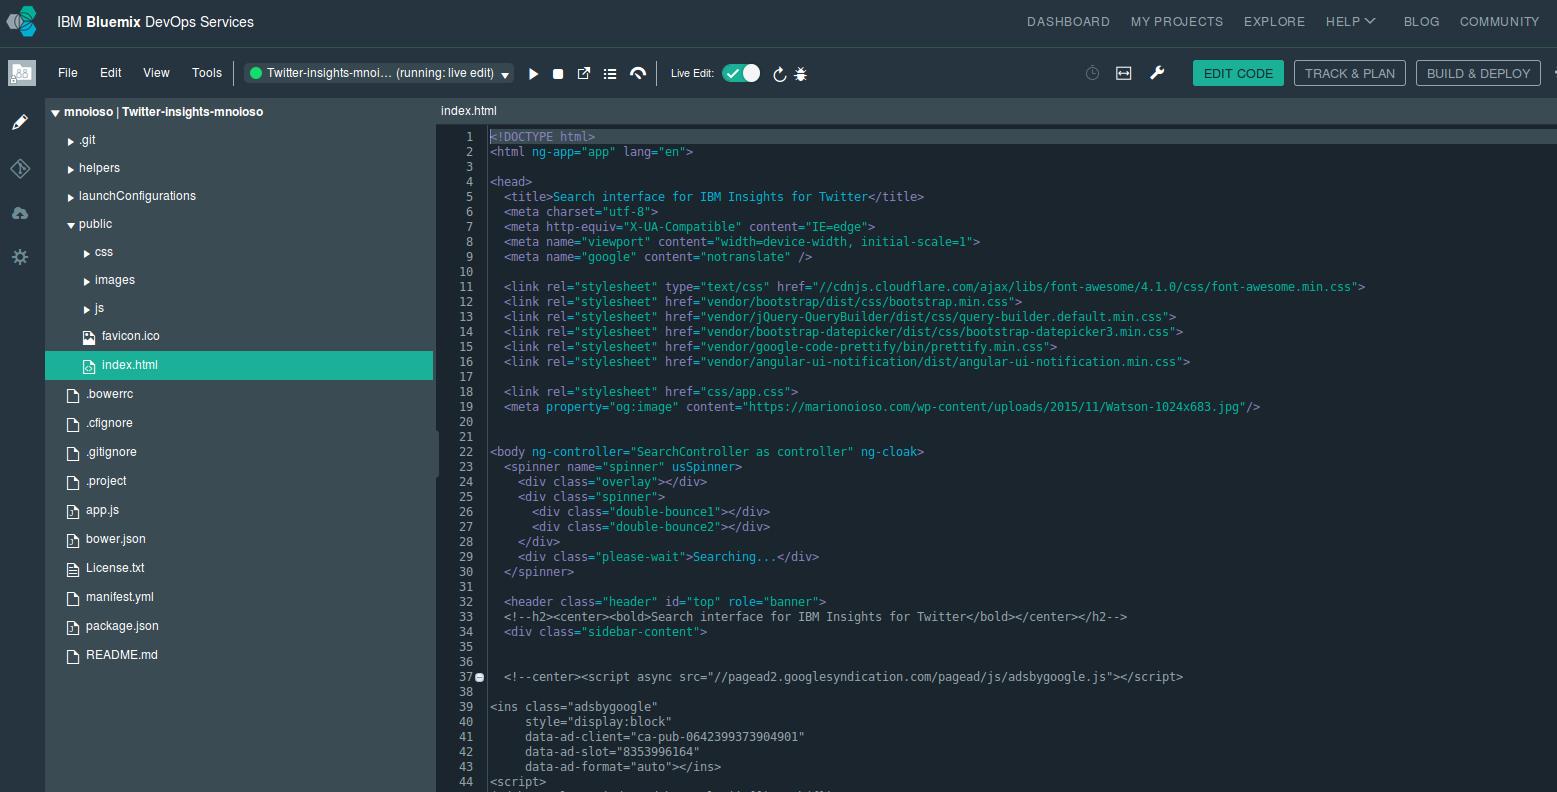 My IBM Bluemix DevOps Services